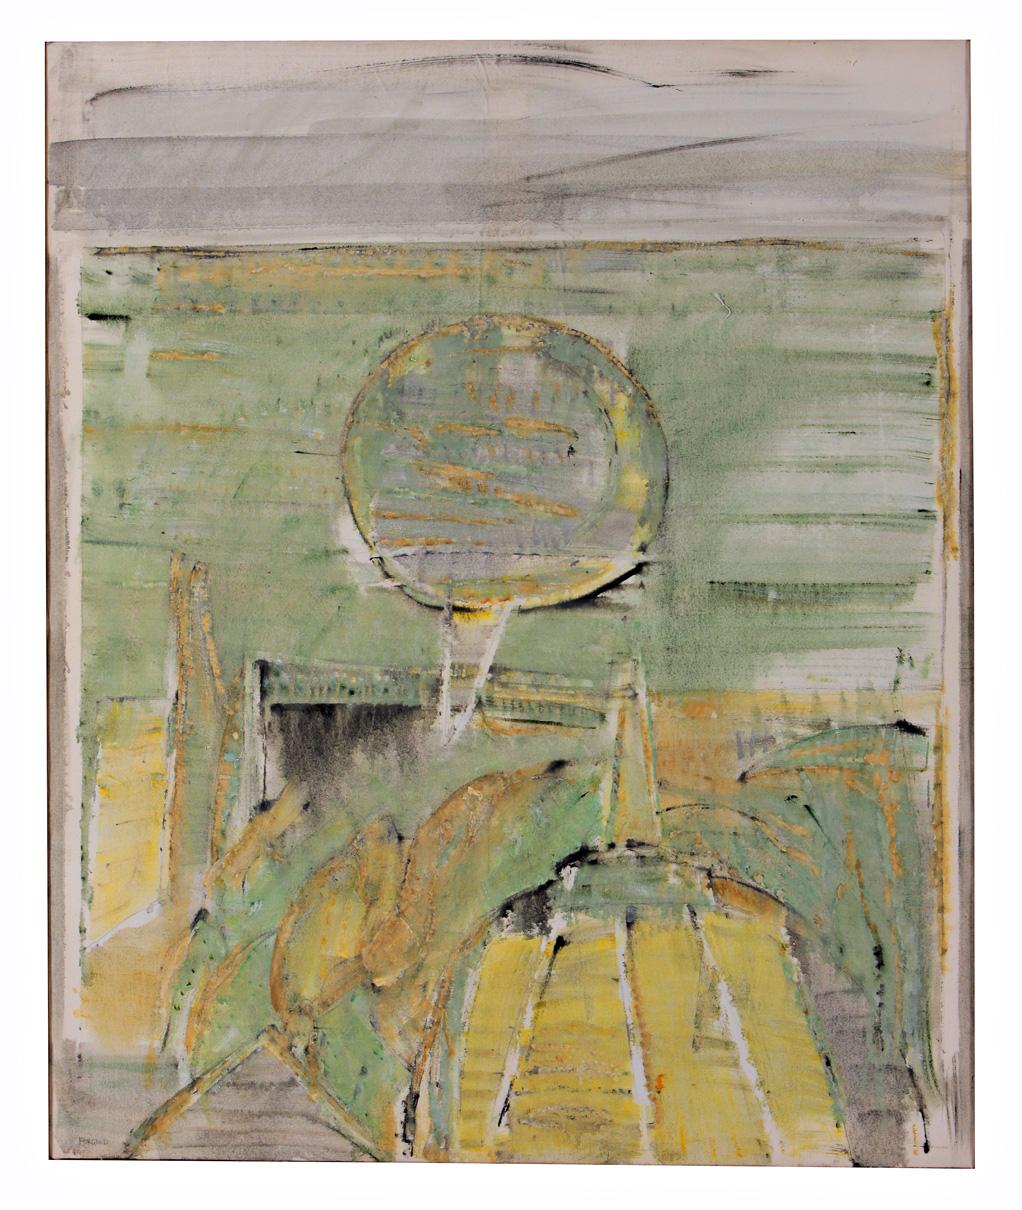 Porta-2014-Olio-su-tela-120x100